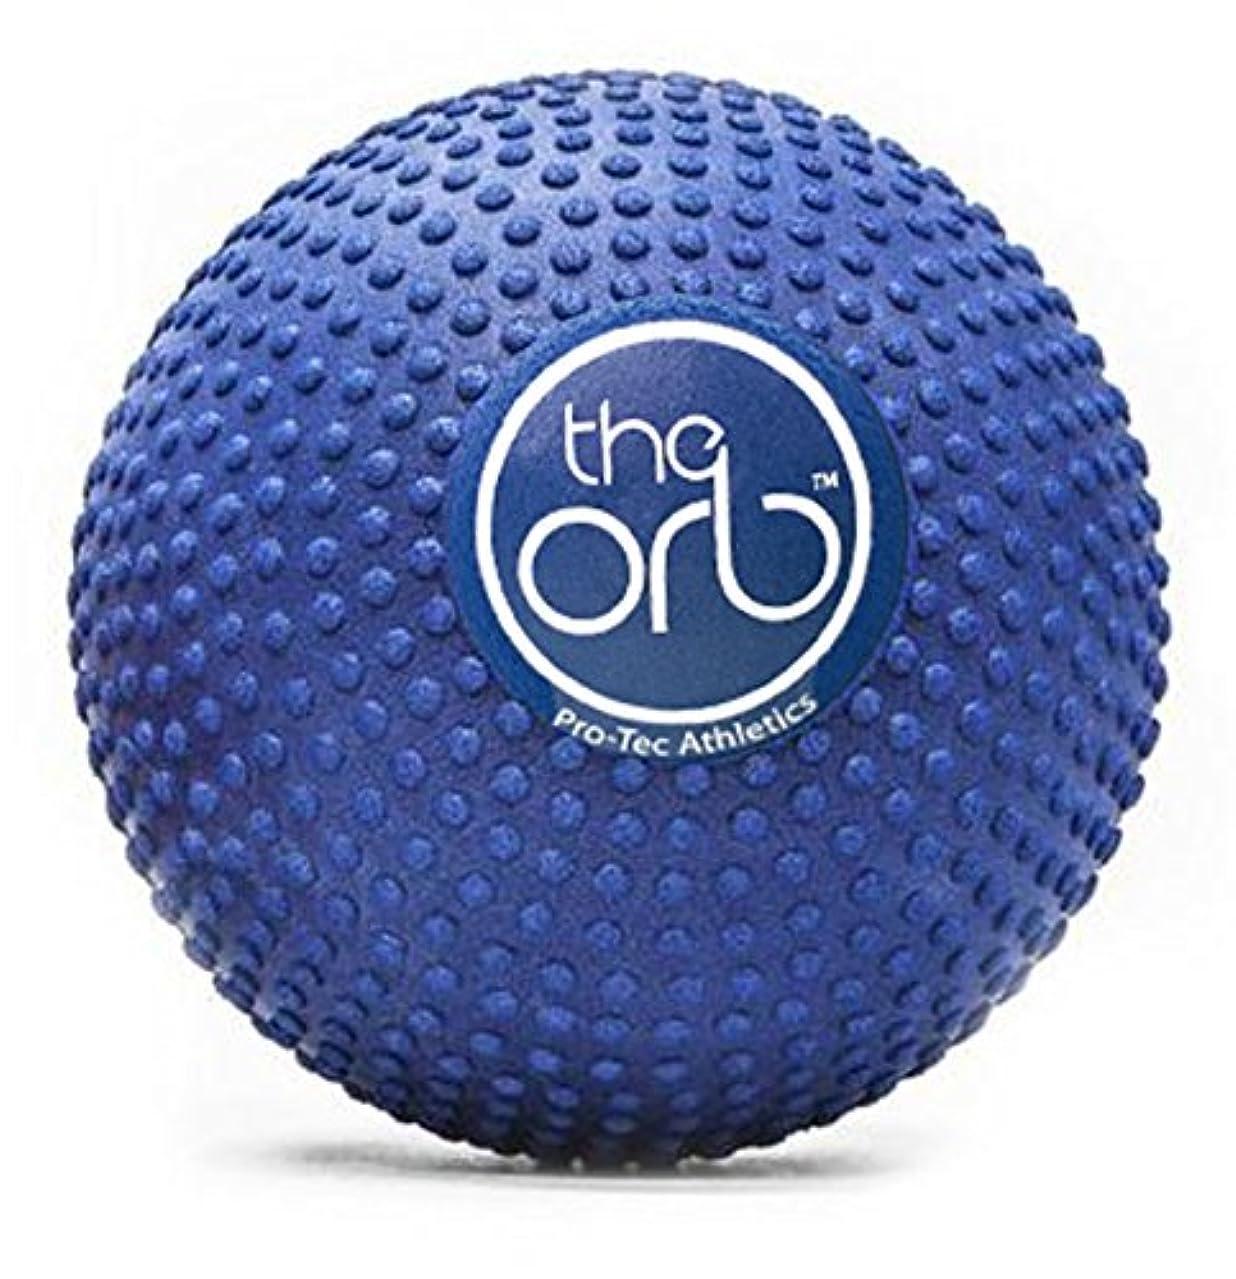 叙情的な異常に勝るPro-Tec Athletics(プロテックアスレチックス) The Orb 5